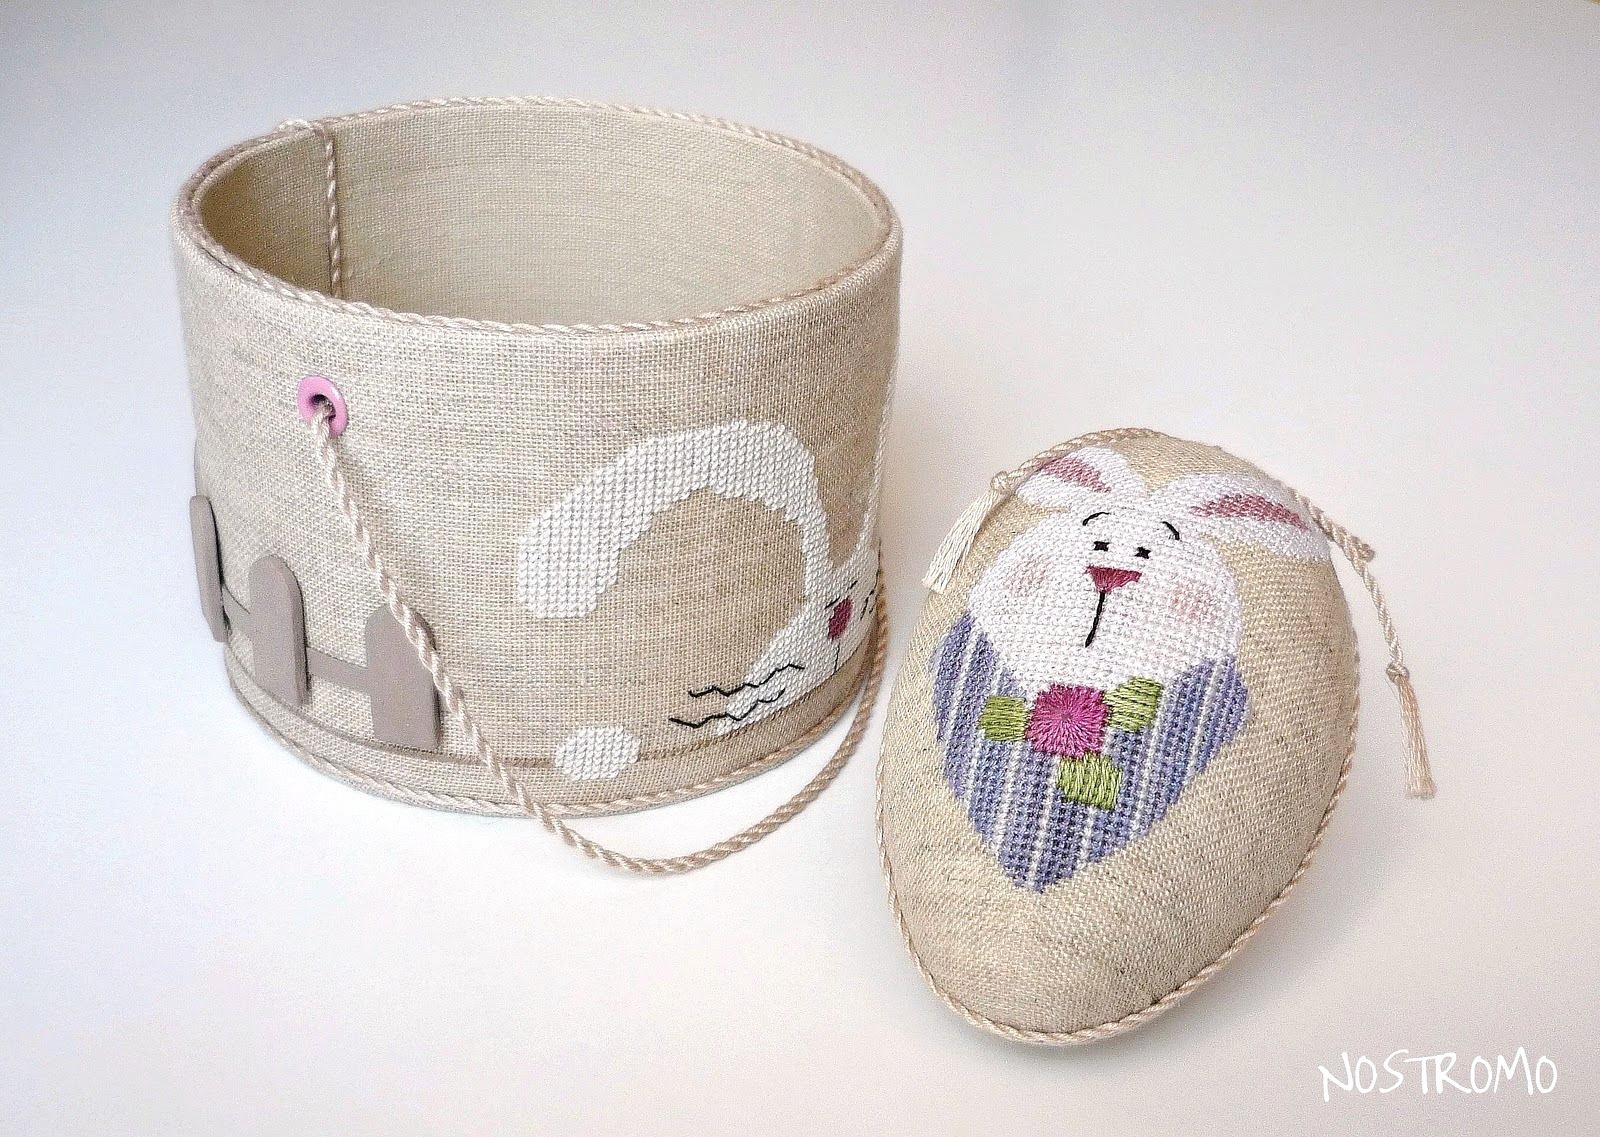 Пасхальное яйцо, декорированное вышивкой кролика из сюжета Spring Things от Lizzie Kate